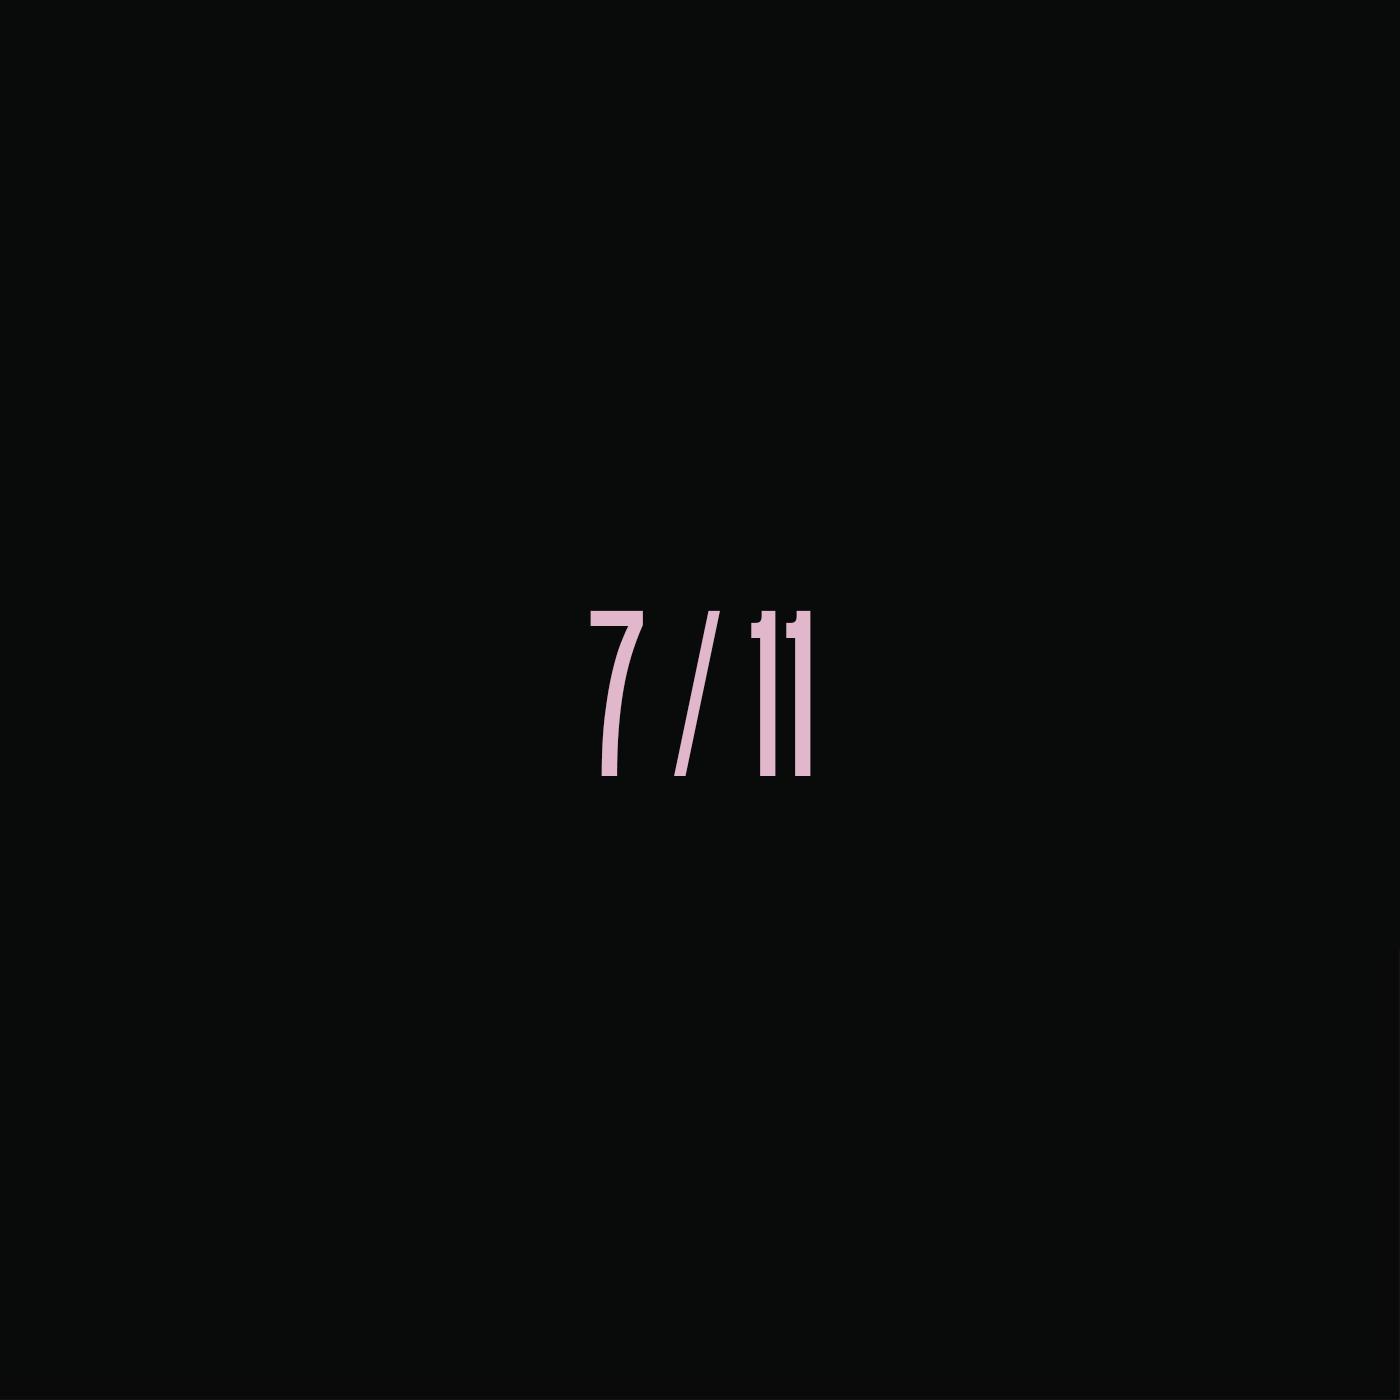 711 beyonce